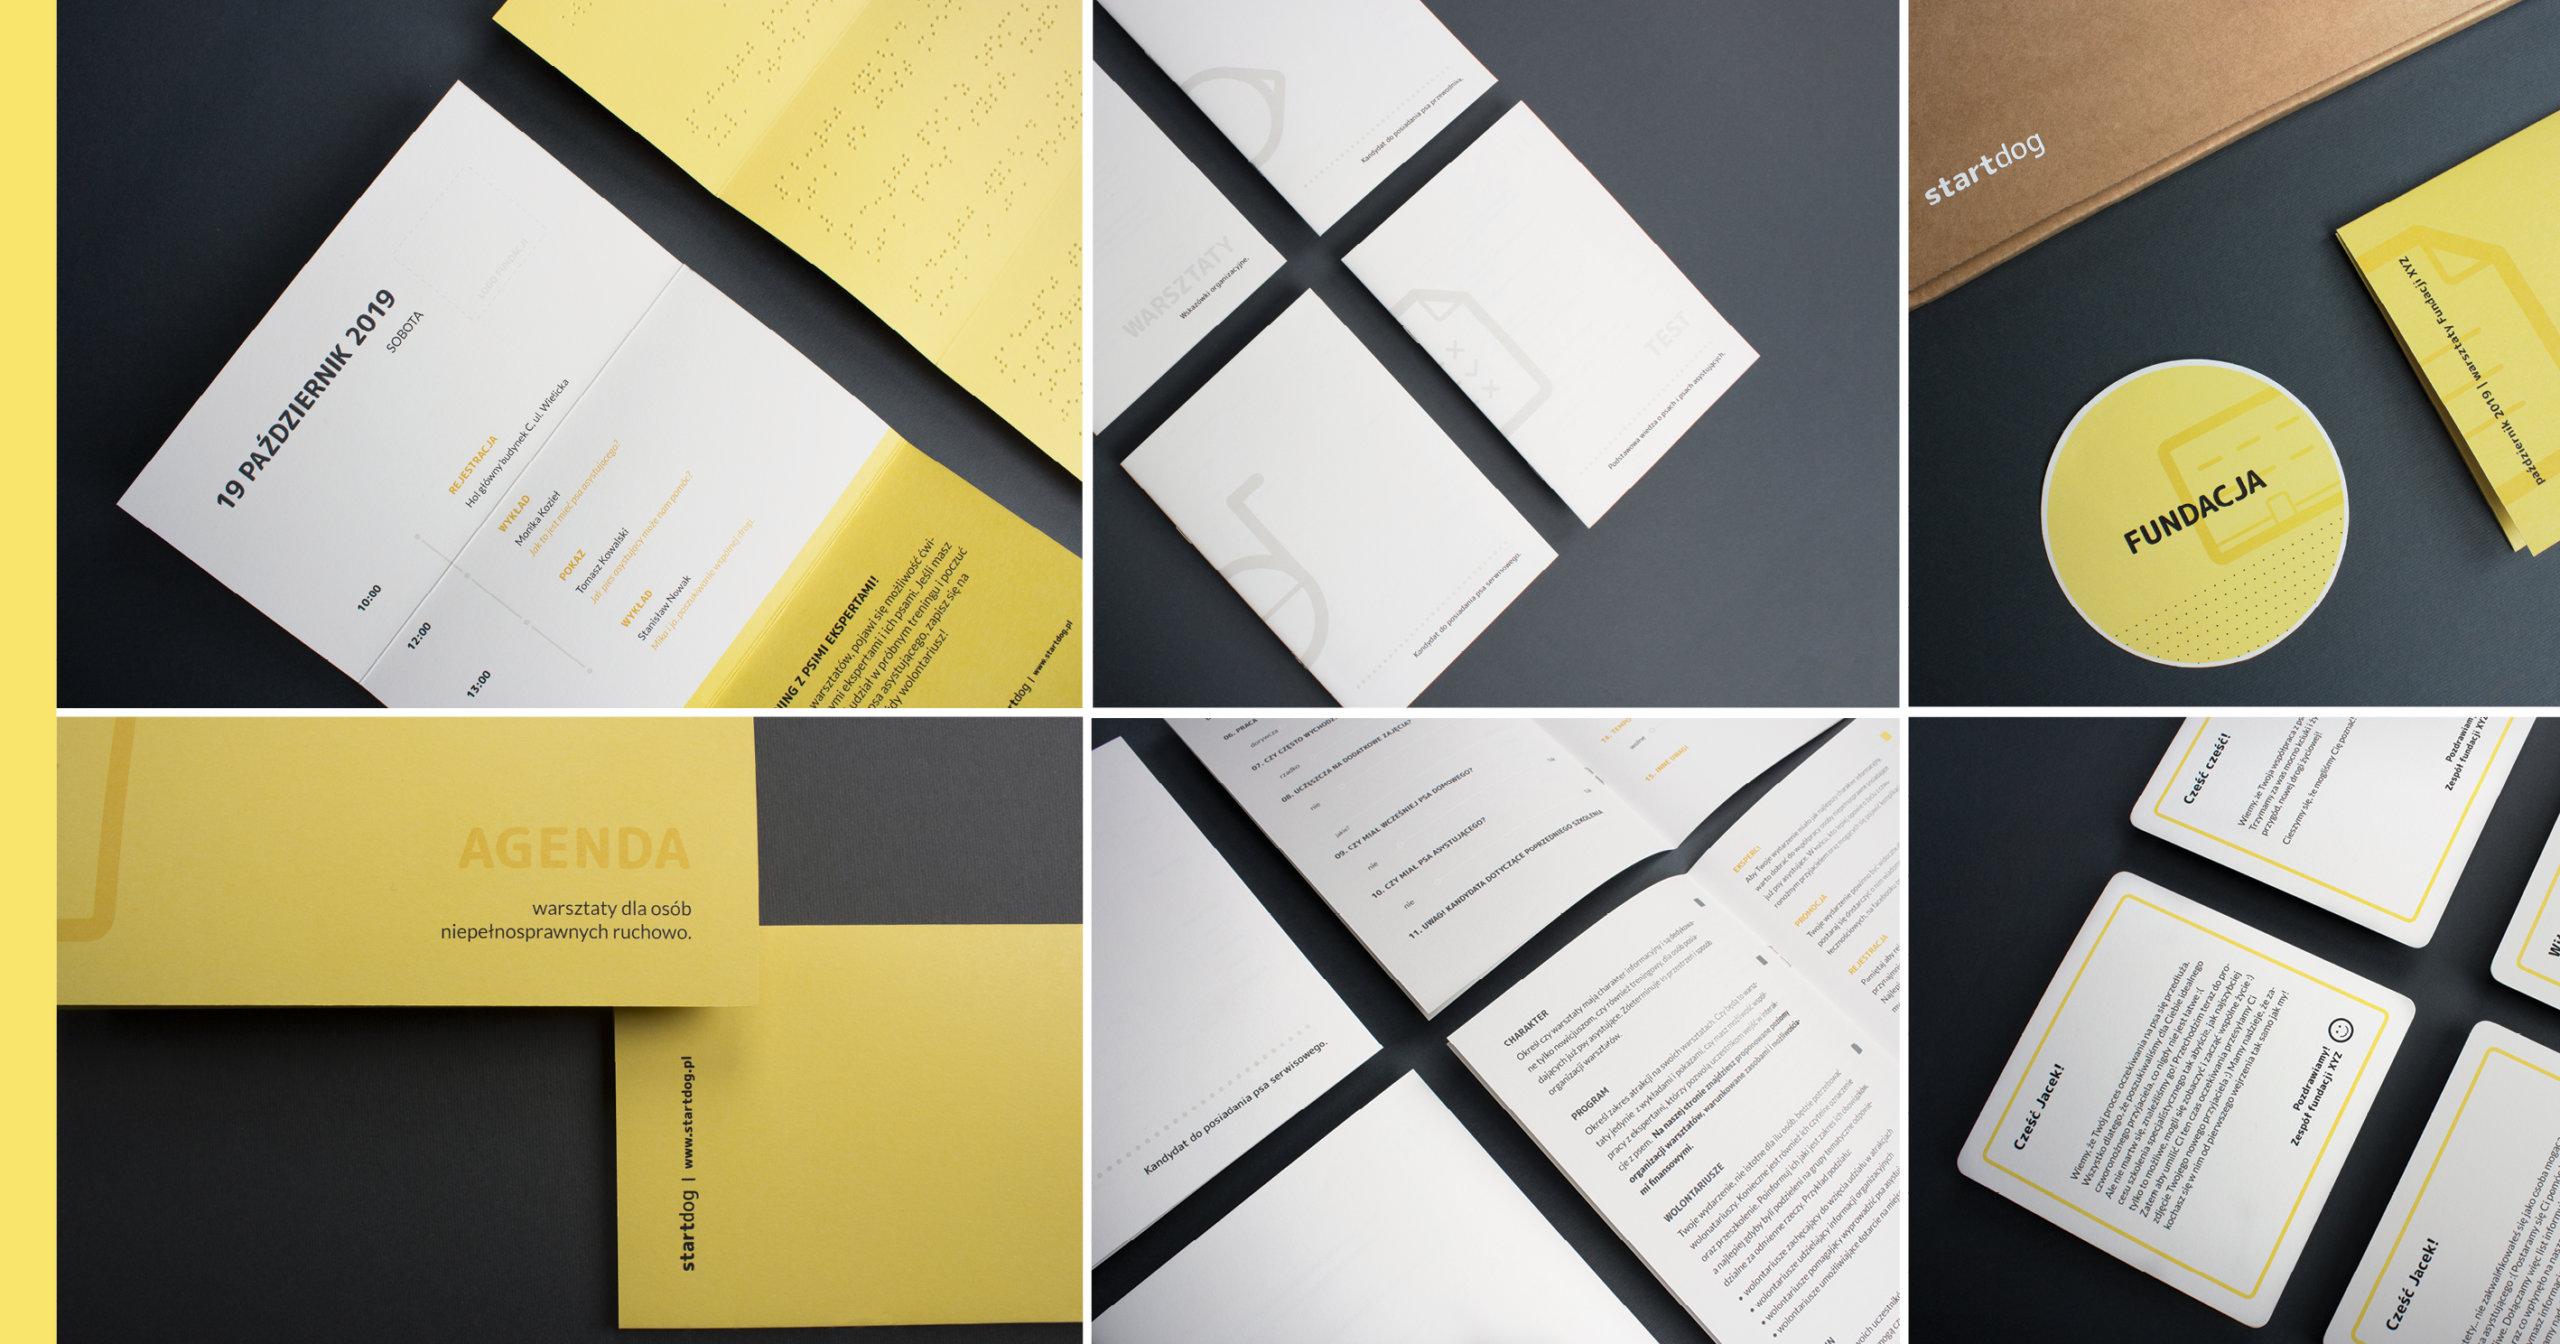 Na ilustracji znajduje się sześć połączonych zdjęć. Na zdjęciach znajdują się zaprojektowane materiały dla fundacji takie jak: agenda drukowana oraz pisana brajlem test wiedzy